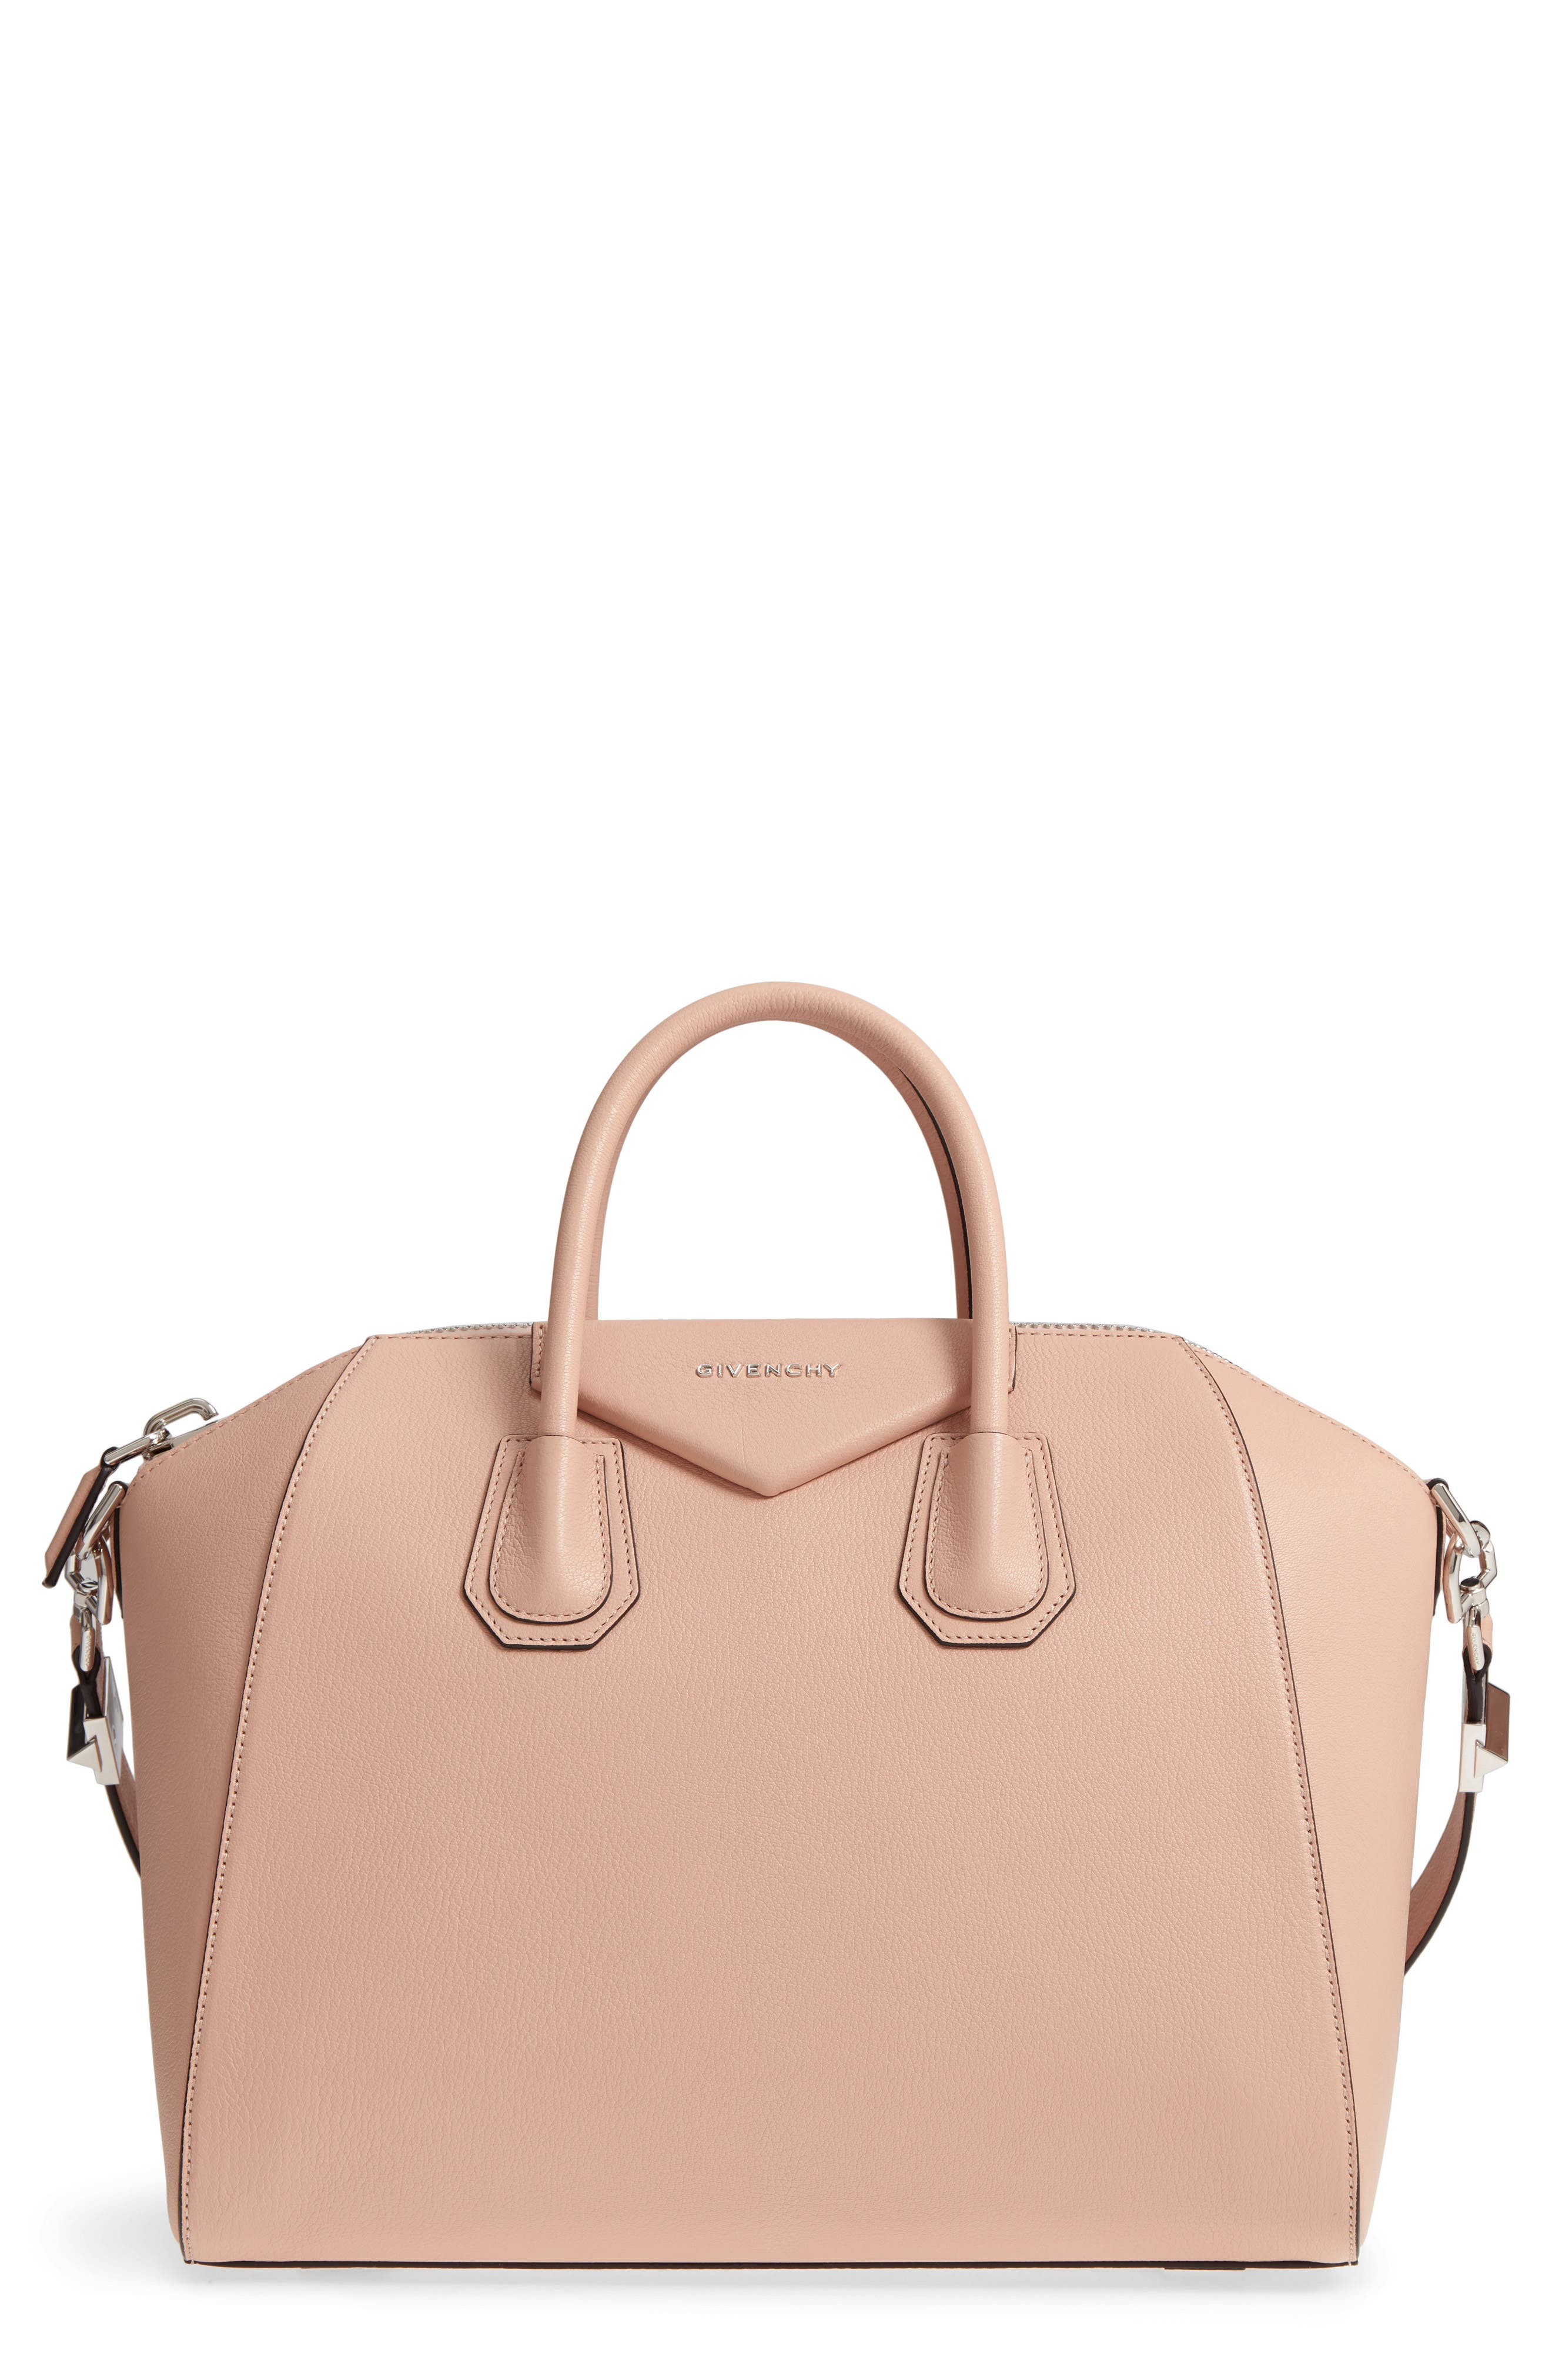 Alternate Image 1 Selected - Givenchy 'Medium Antigona' Sugar Leather Satchel